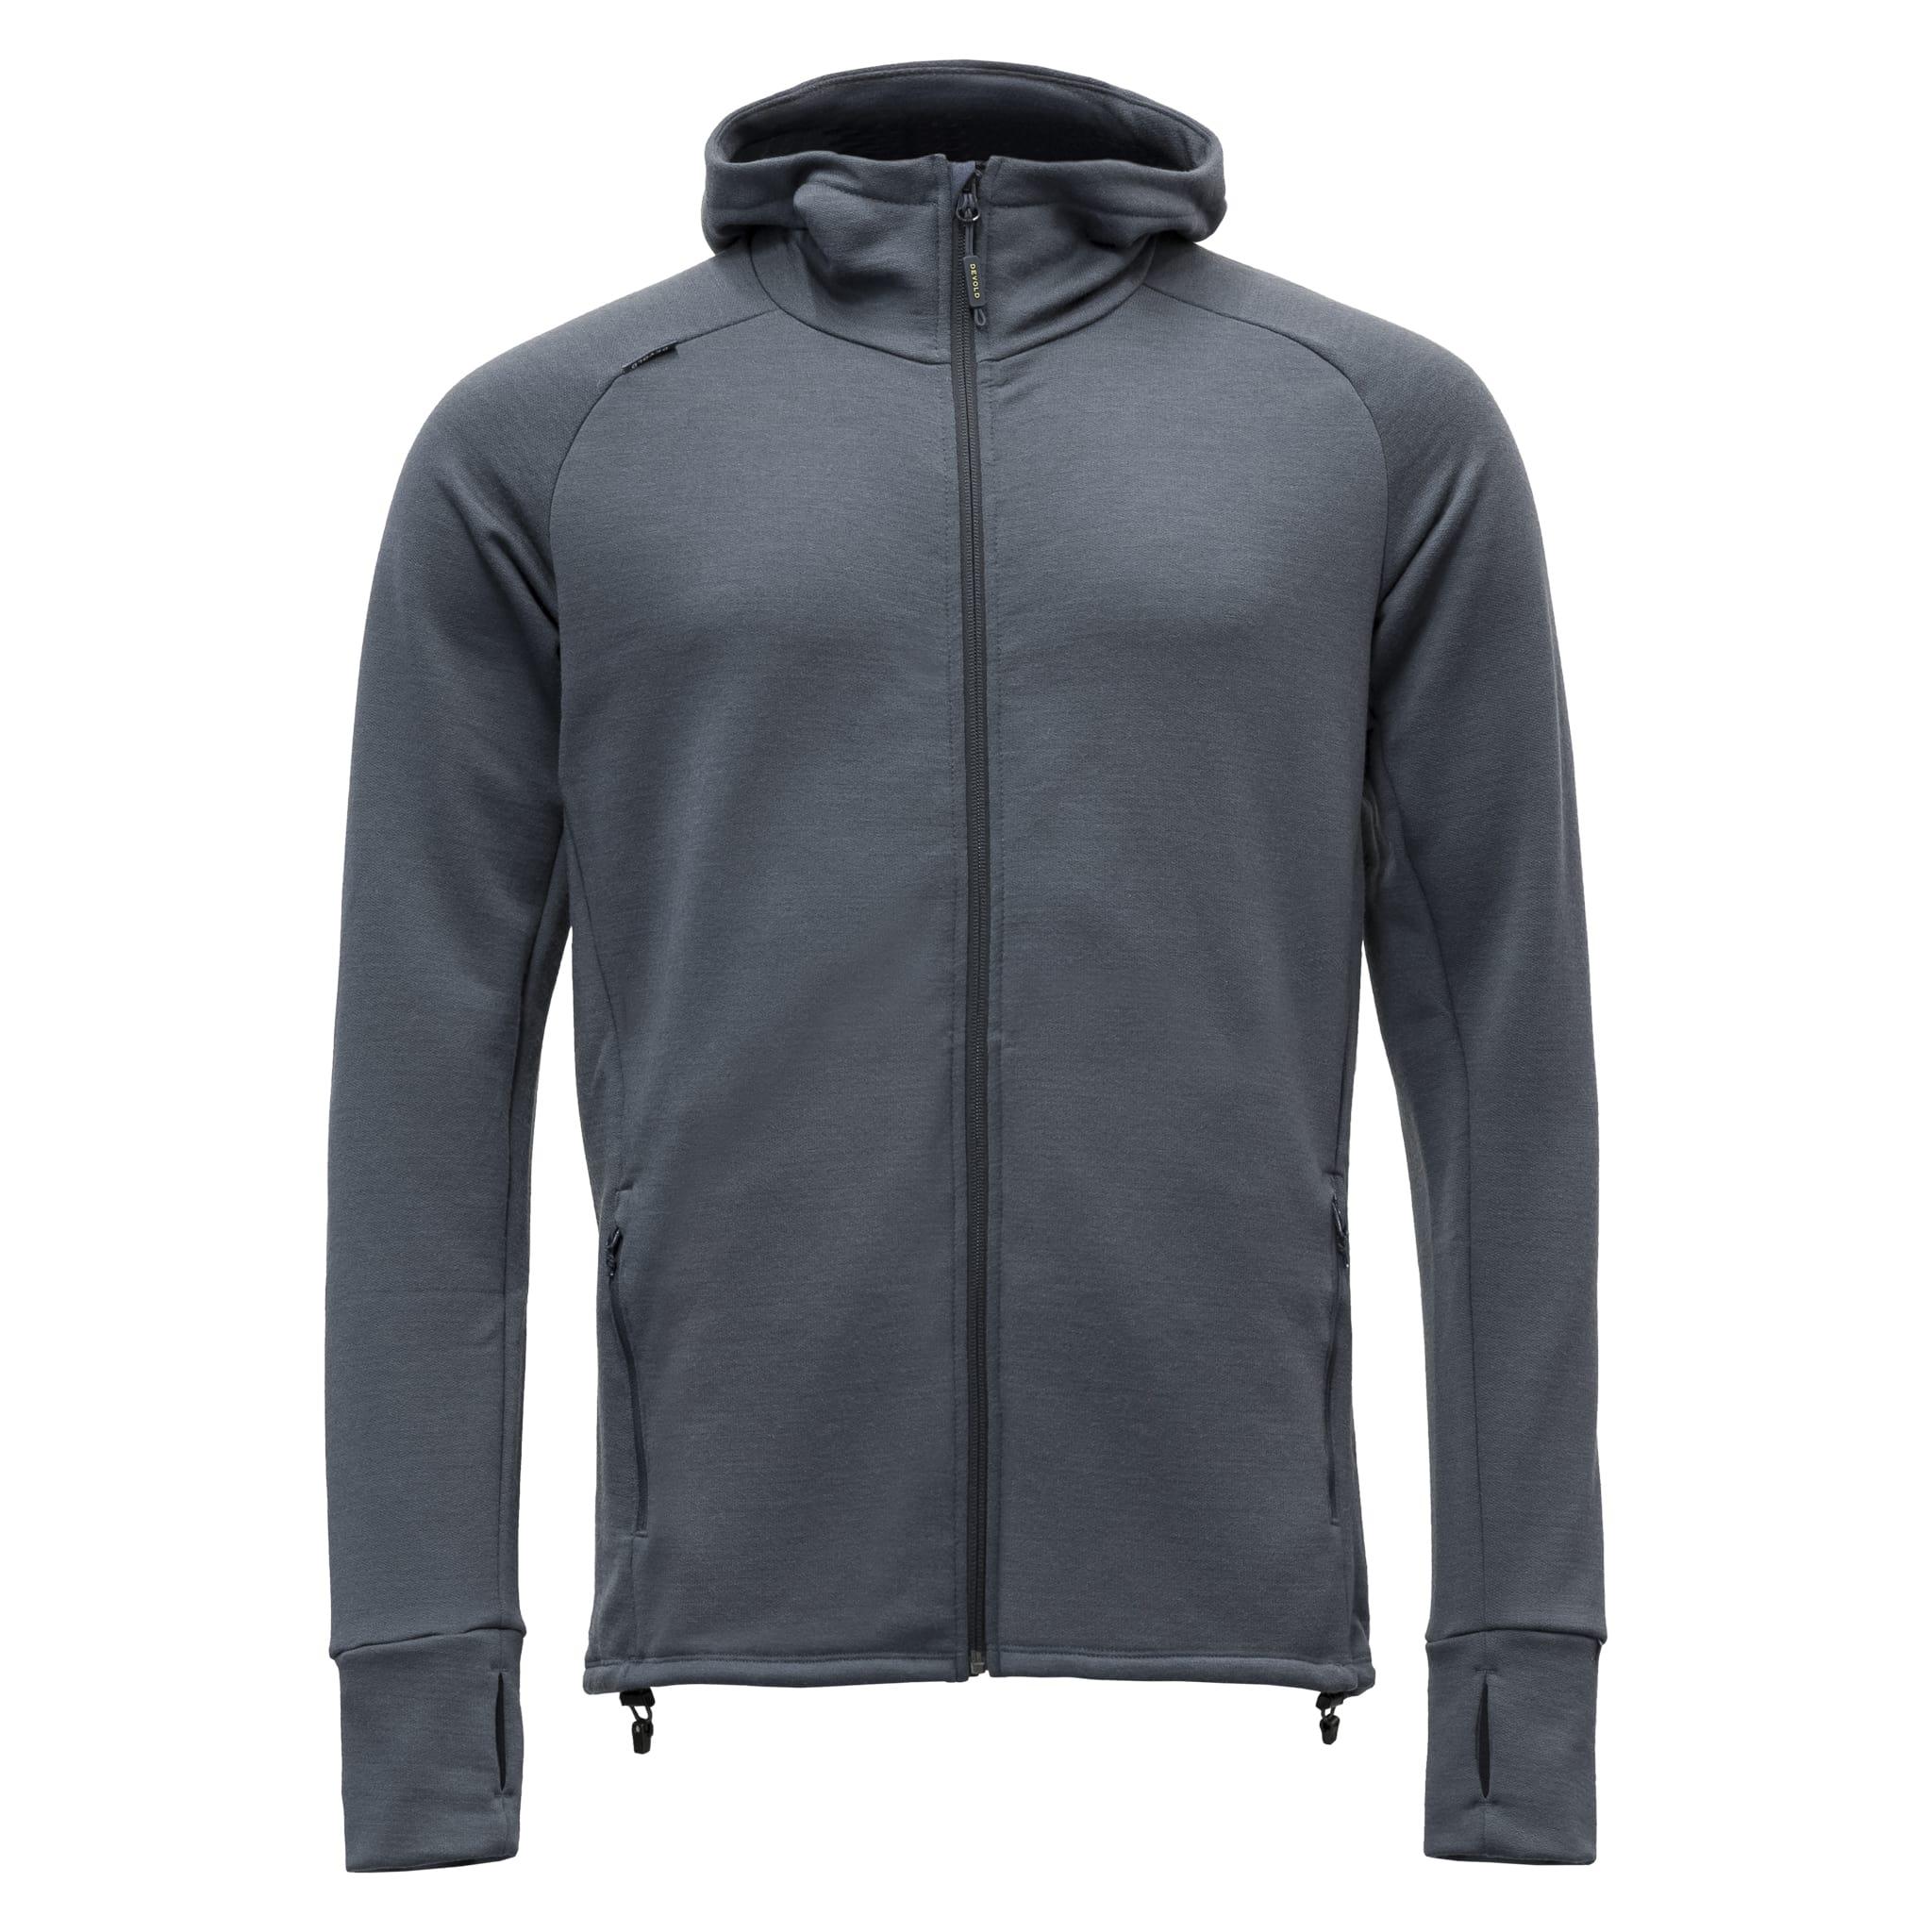 Nibba Man Jacket